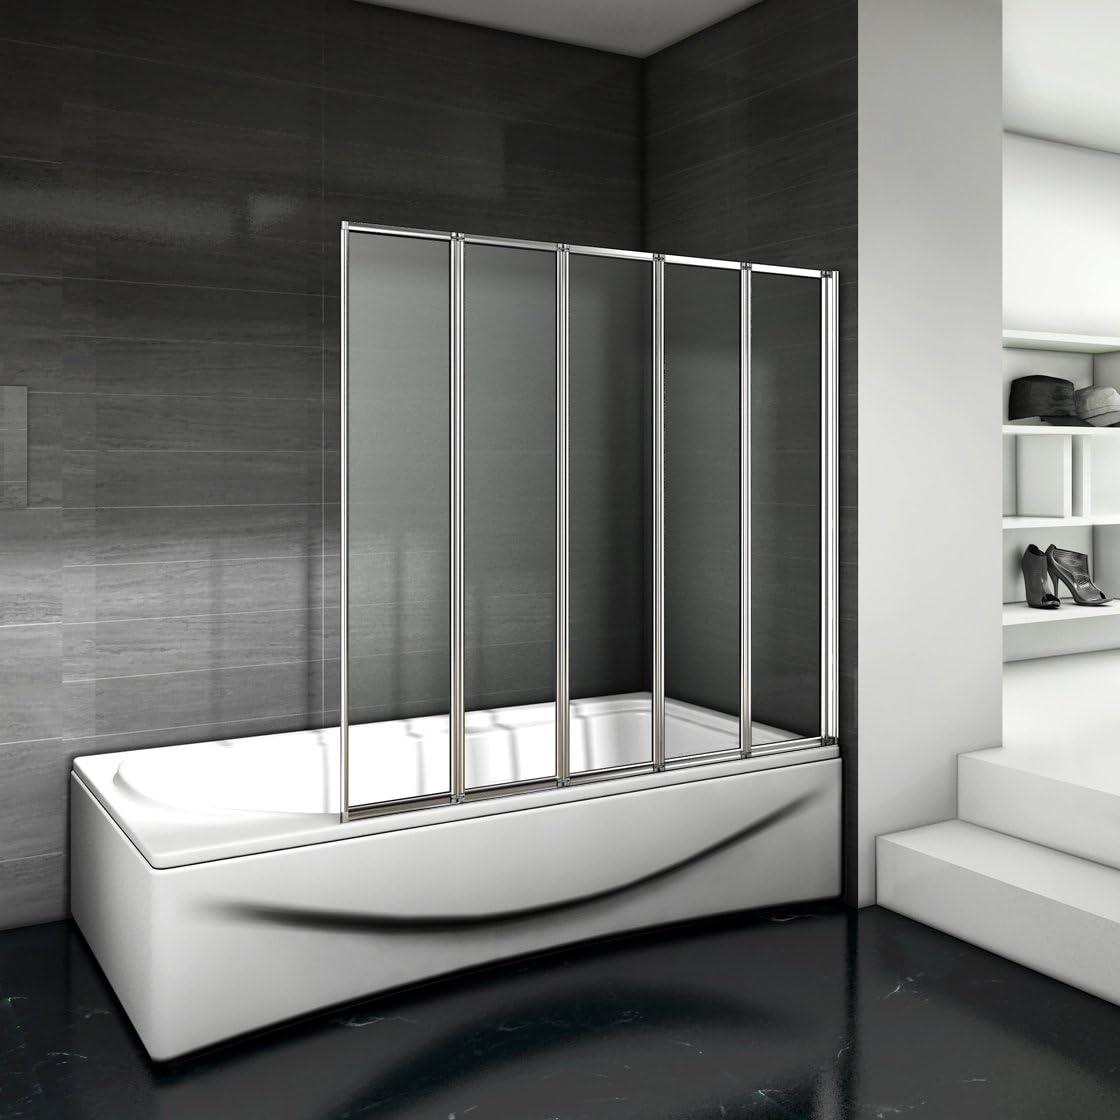 Mamparas pantalla de bañera biombo 5 veces plegable de Aica 1200 x 1400mm: Amazon.es: Bricolaje y herramientas